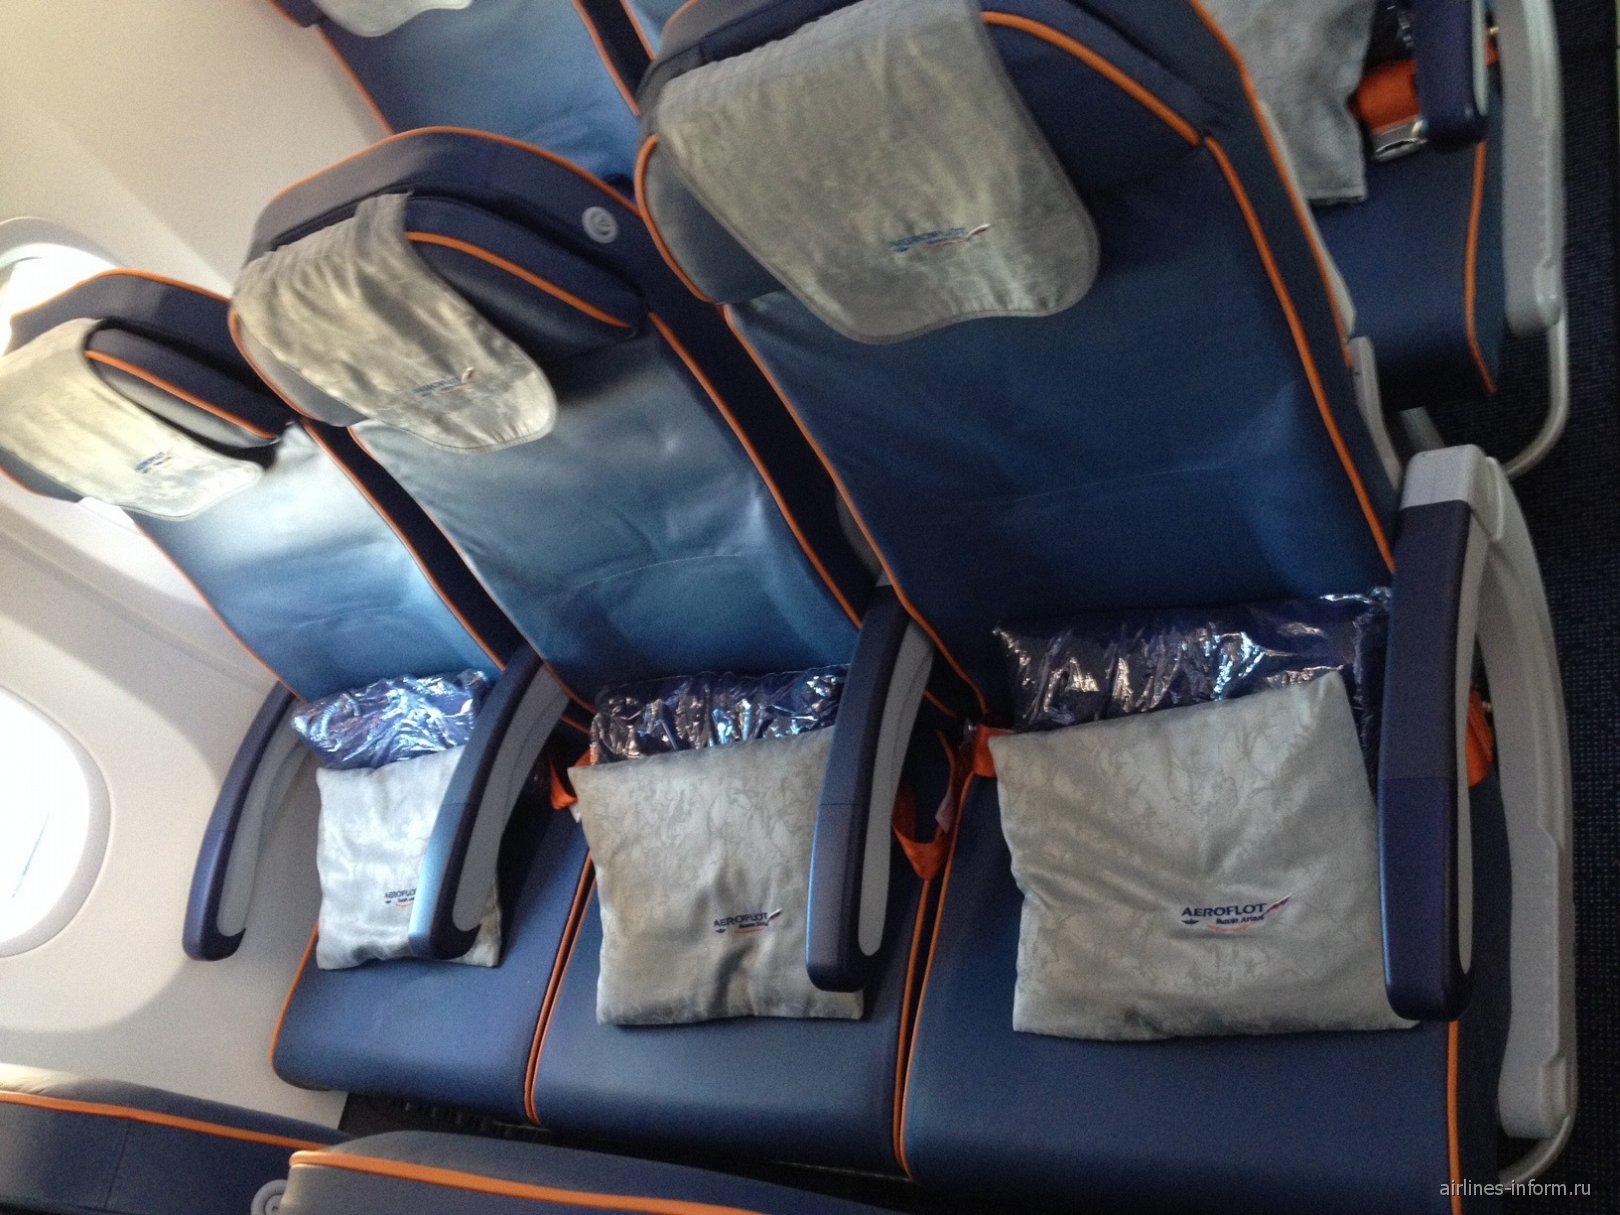 Кресла эконом-класса в самолете Боинг-737-800 Аэрофлота